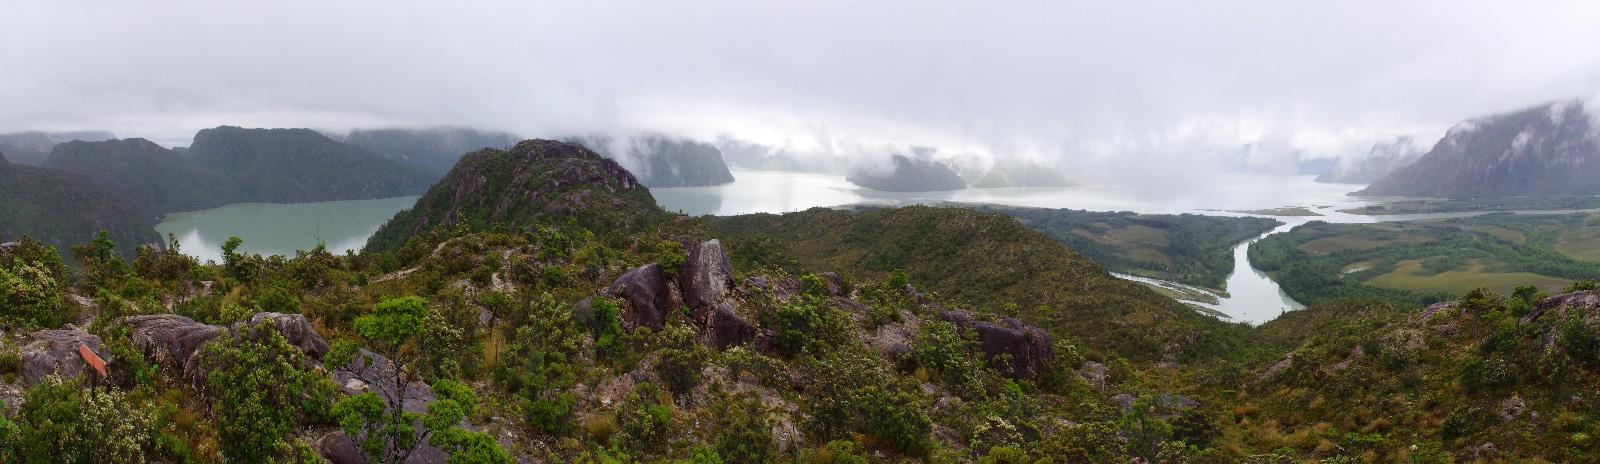 Ciel bien nuageux lors de notre randonnée à Tortel.